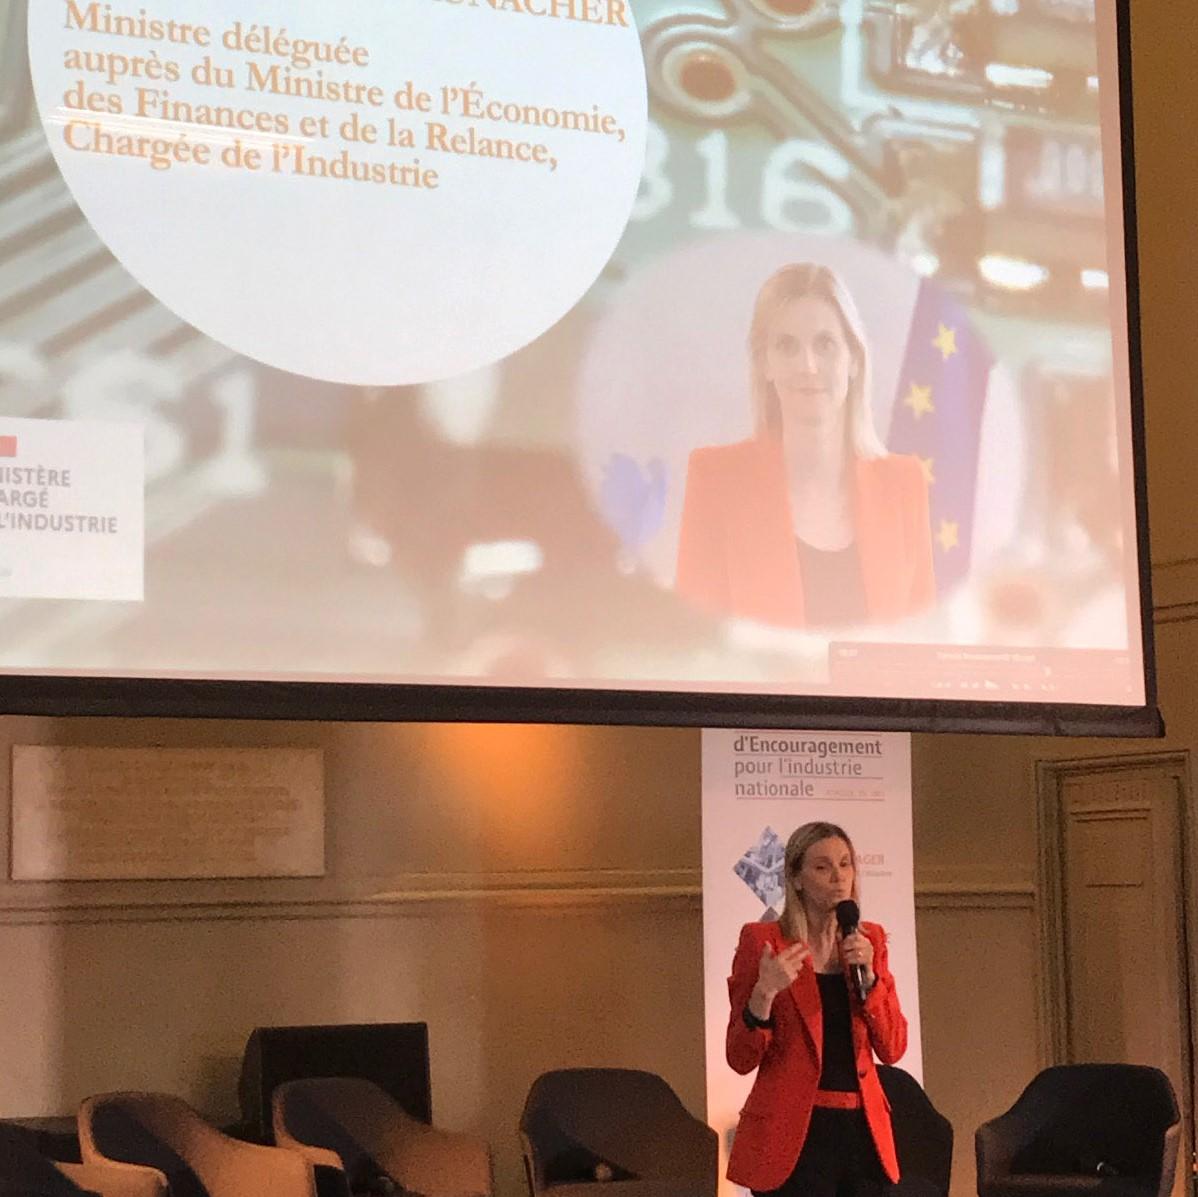 AgnesPanier-rumacher-ministre-Eco-20201029-carre-l